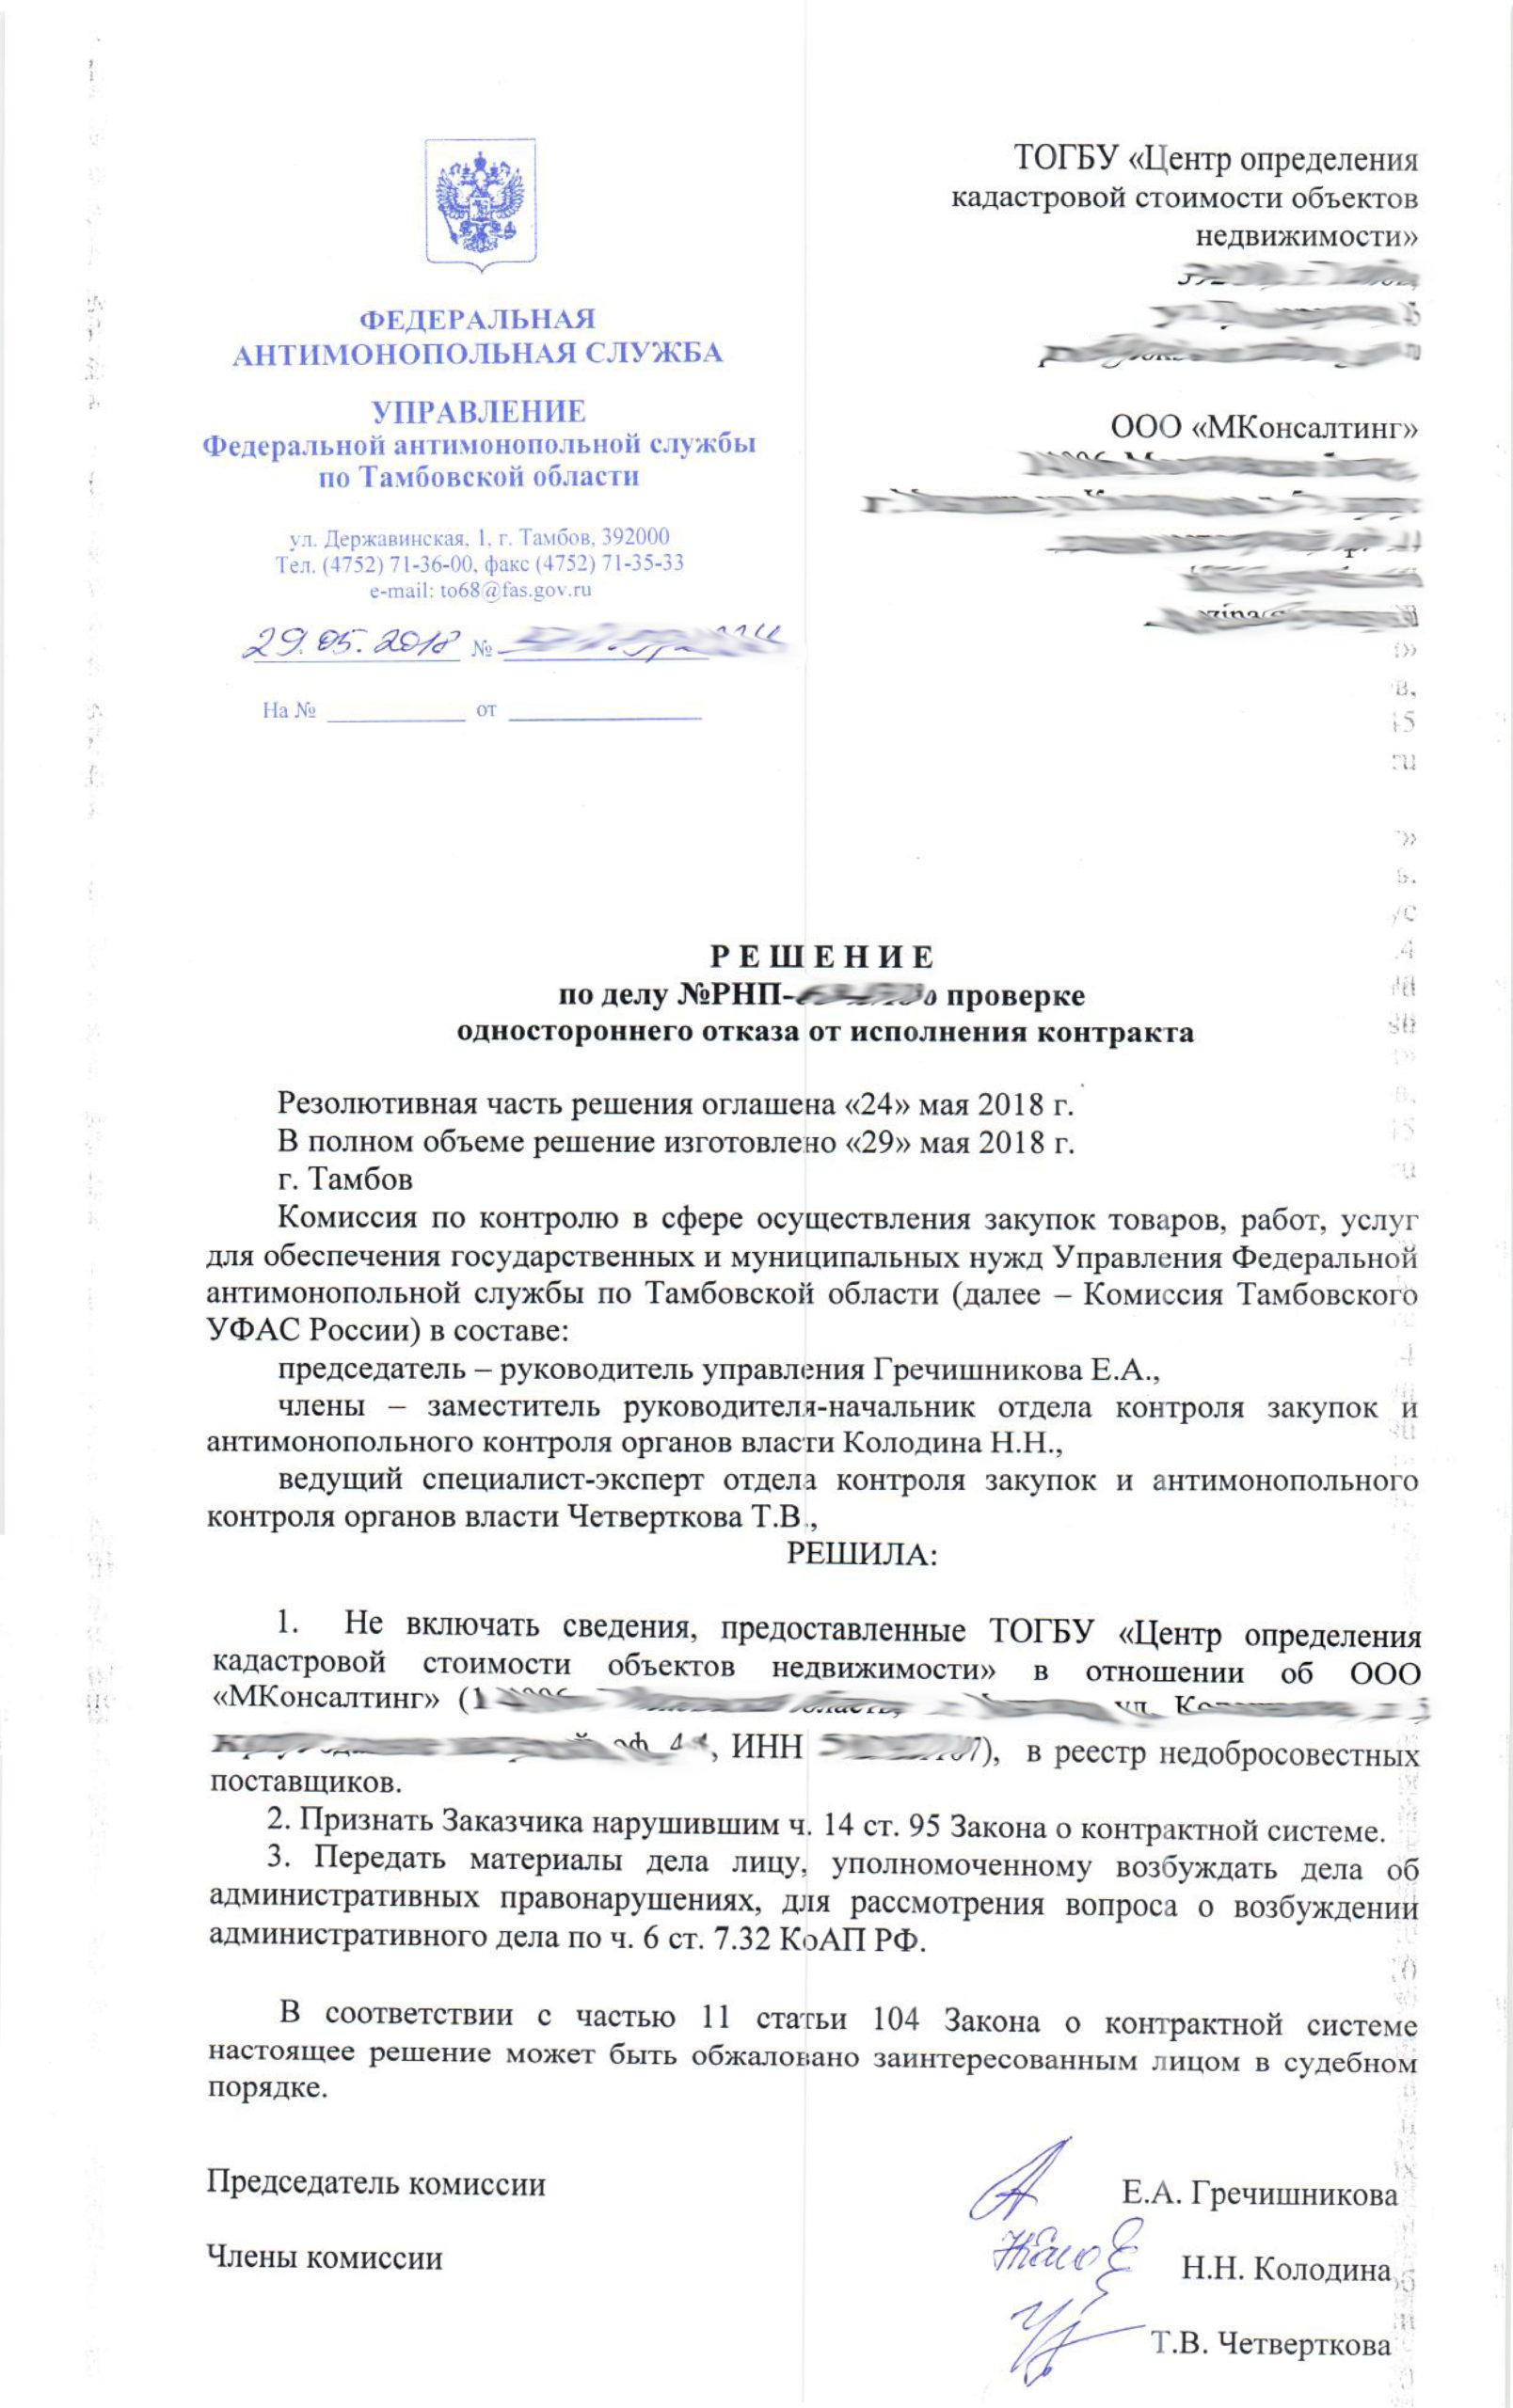 Тамбовское УФАС М-Консалтинг